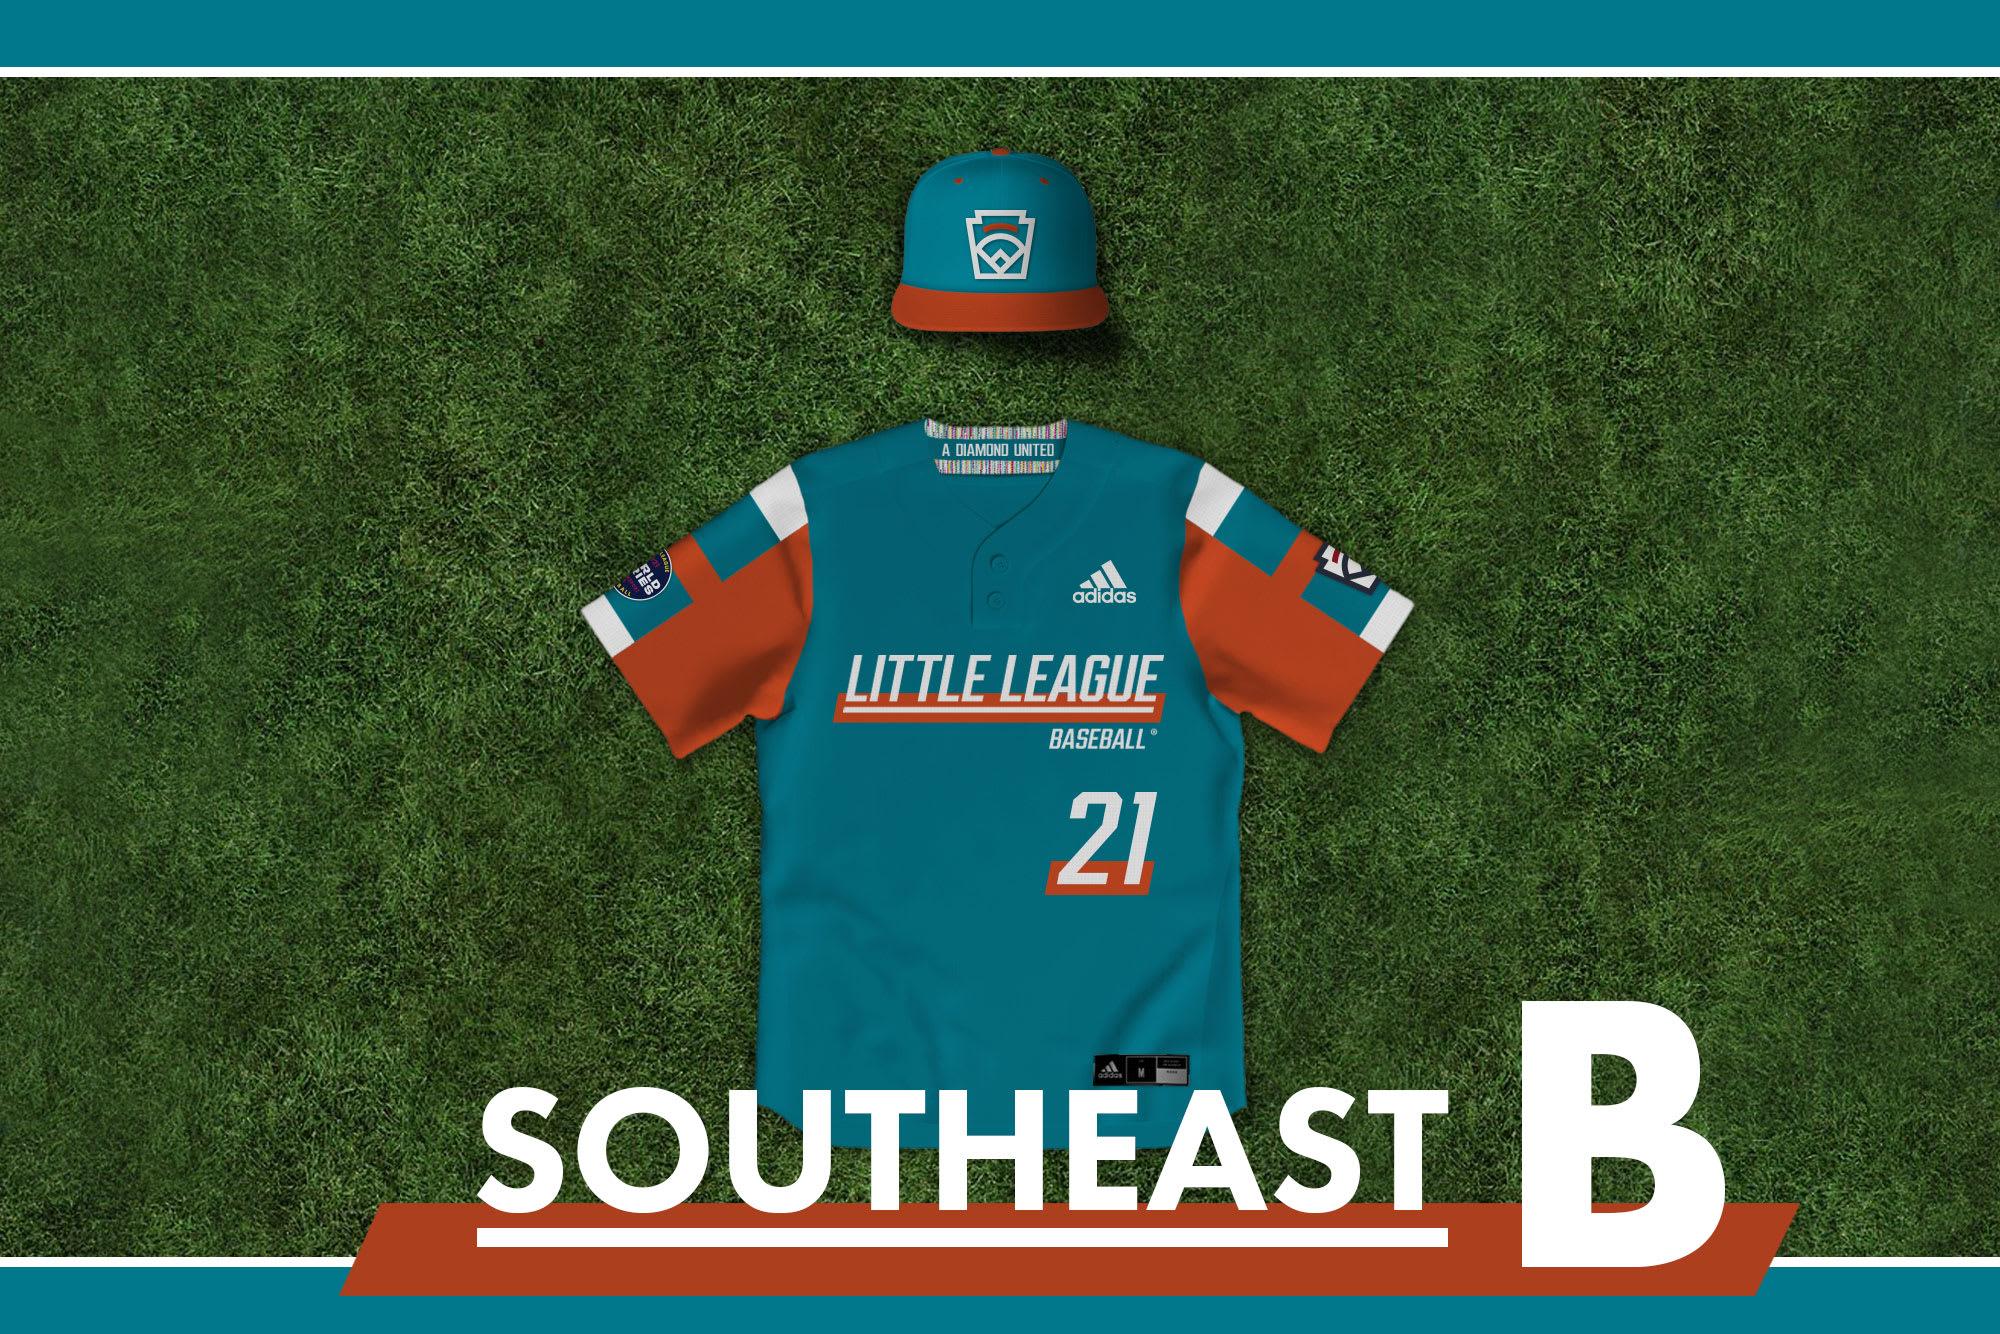 LLB Southeast B uniform